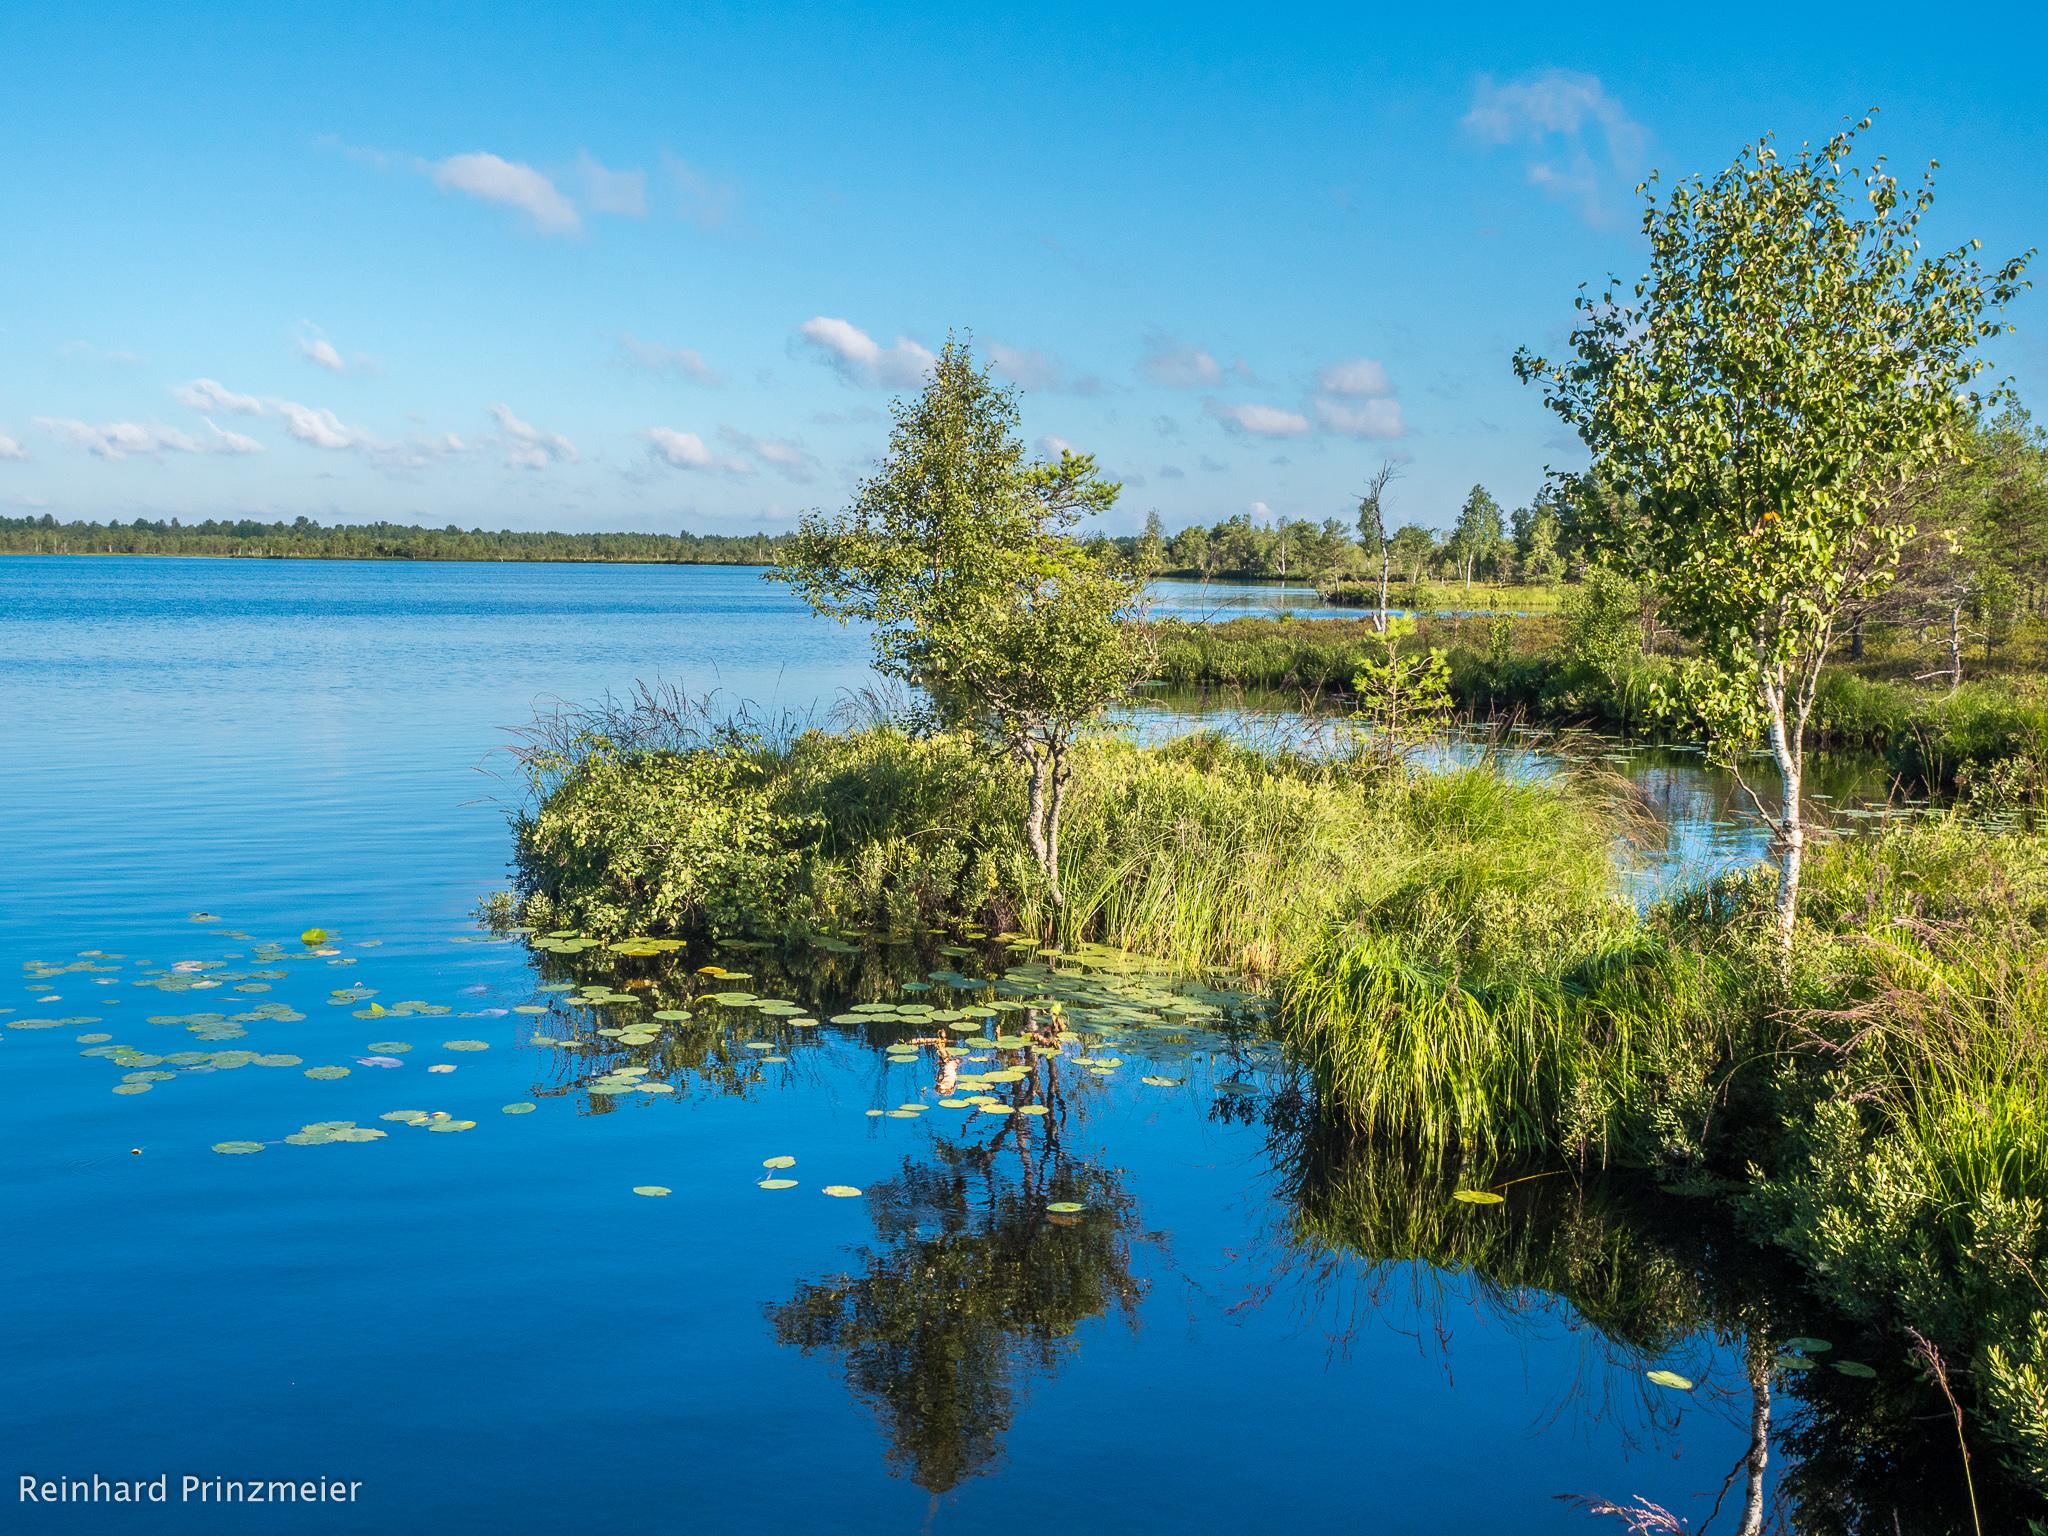 Lake Koigi, Estonia